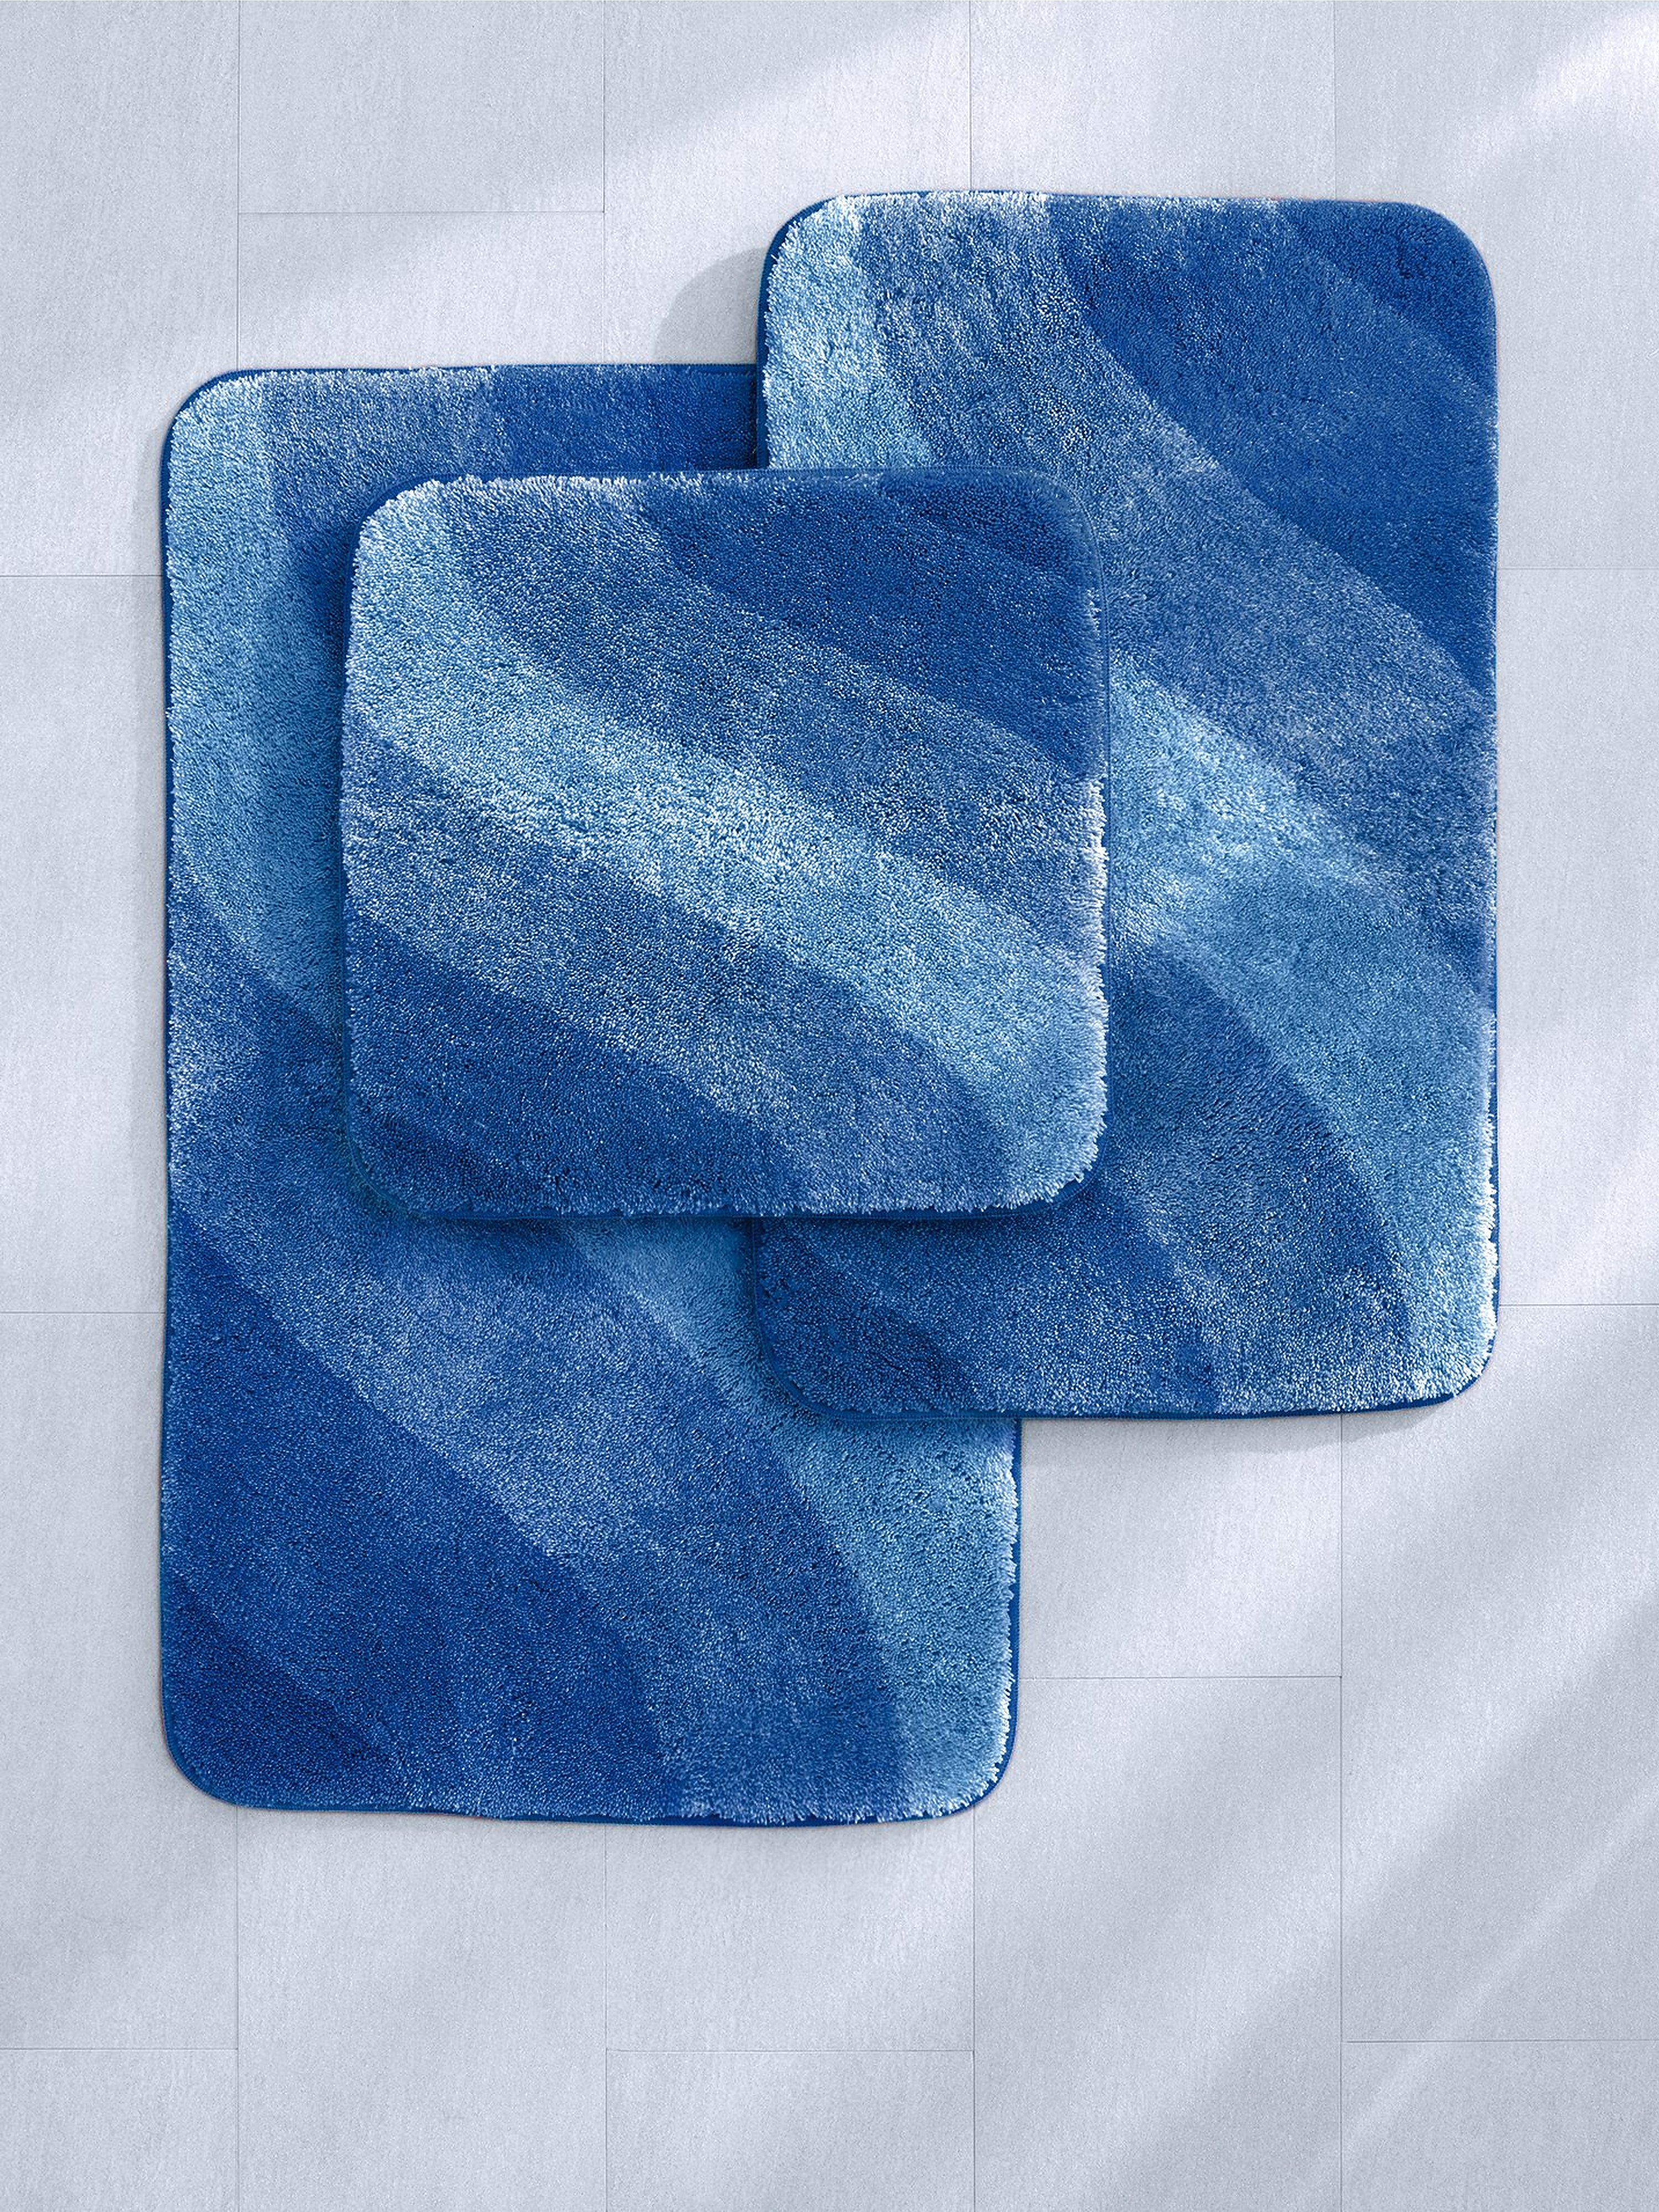 Mat voor staand toilet, ca. 60x60 cm Van Grund blauw